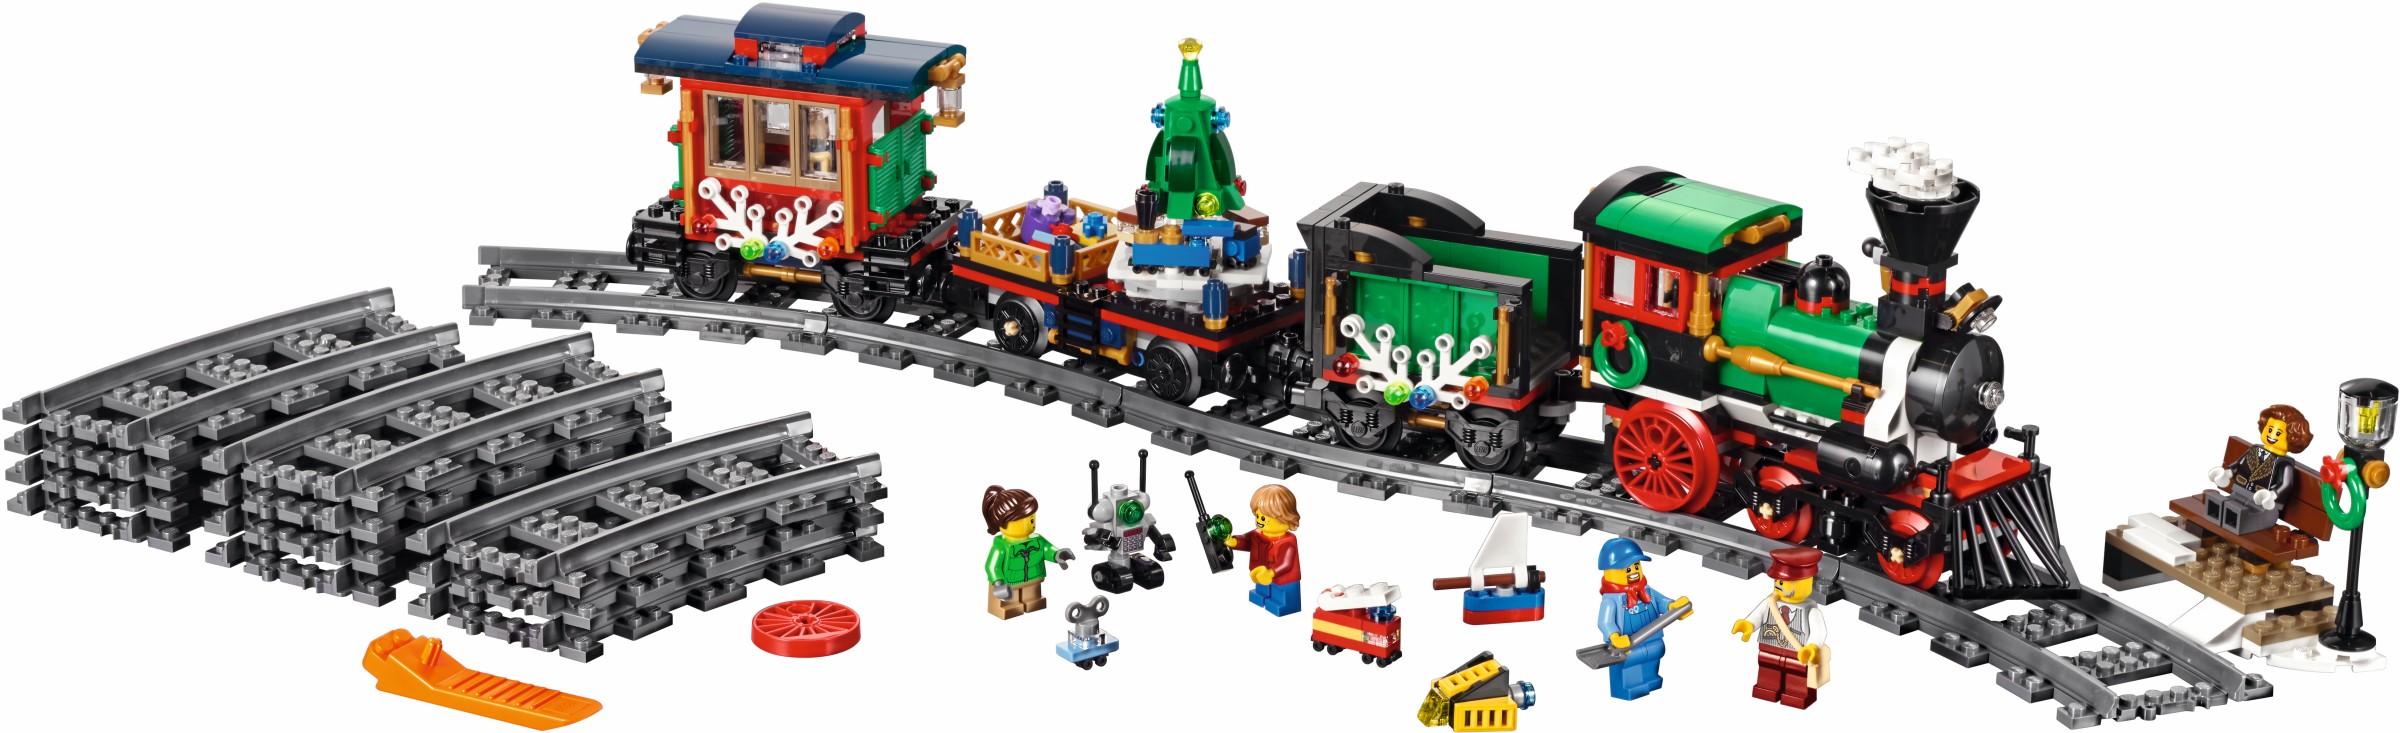 Advanced Models | Winter Village | Brickset: LEGO set guide and ...